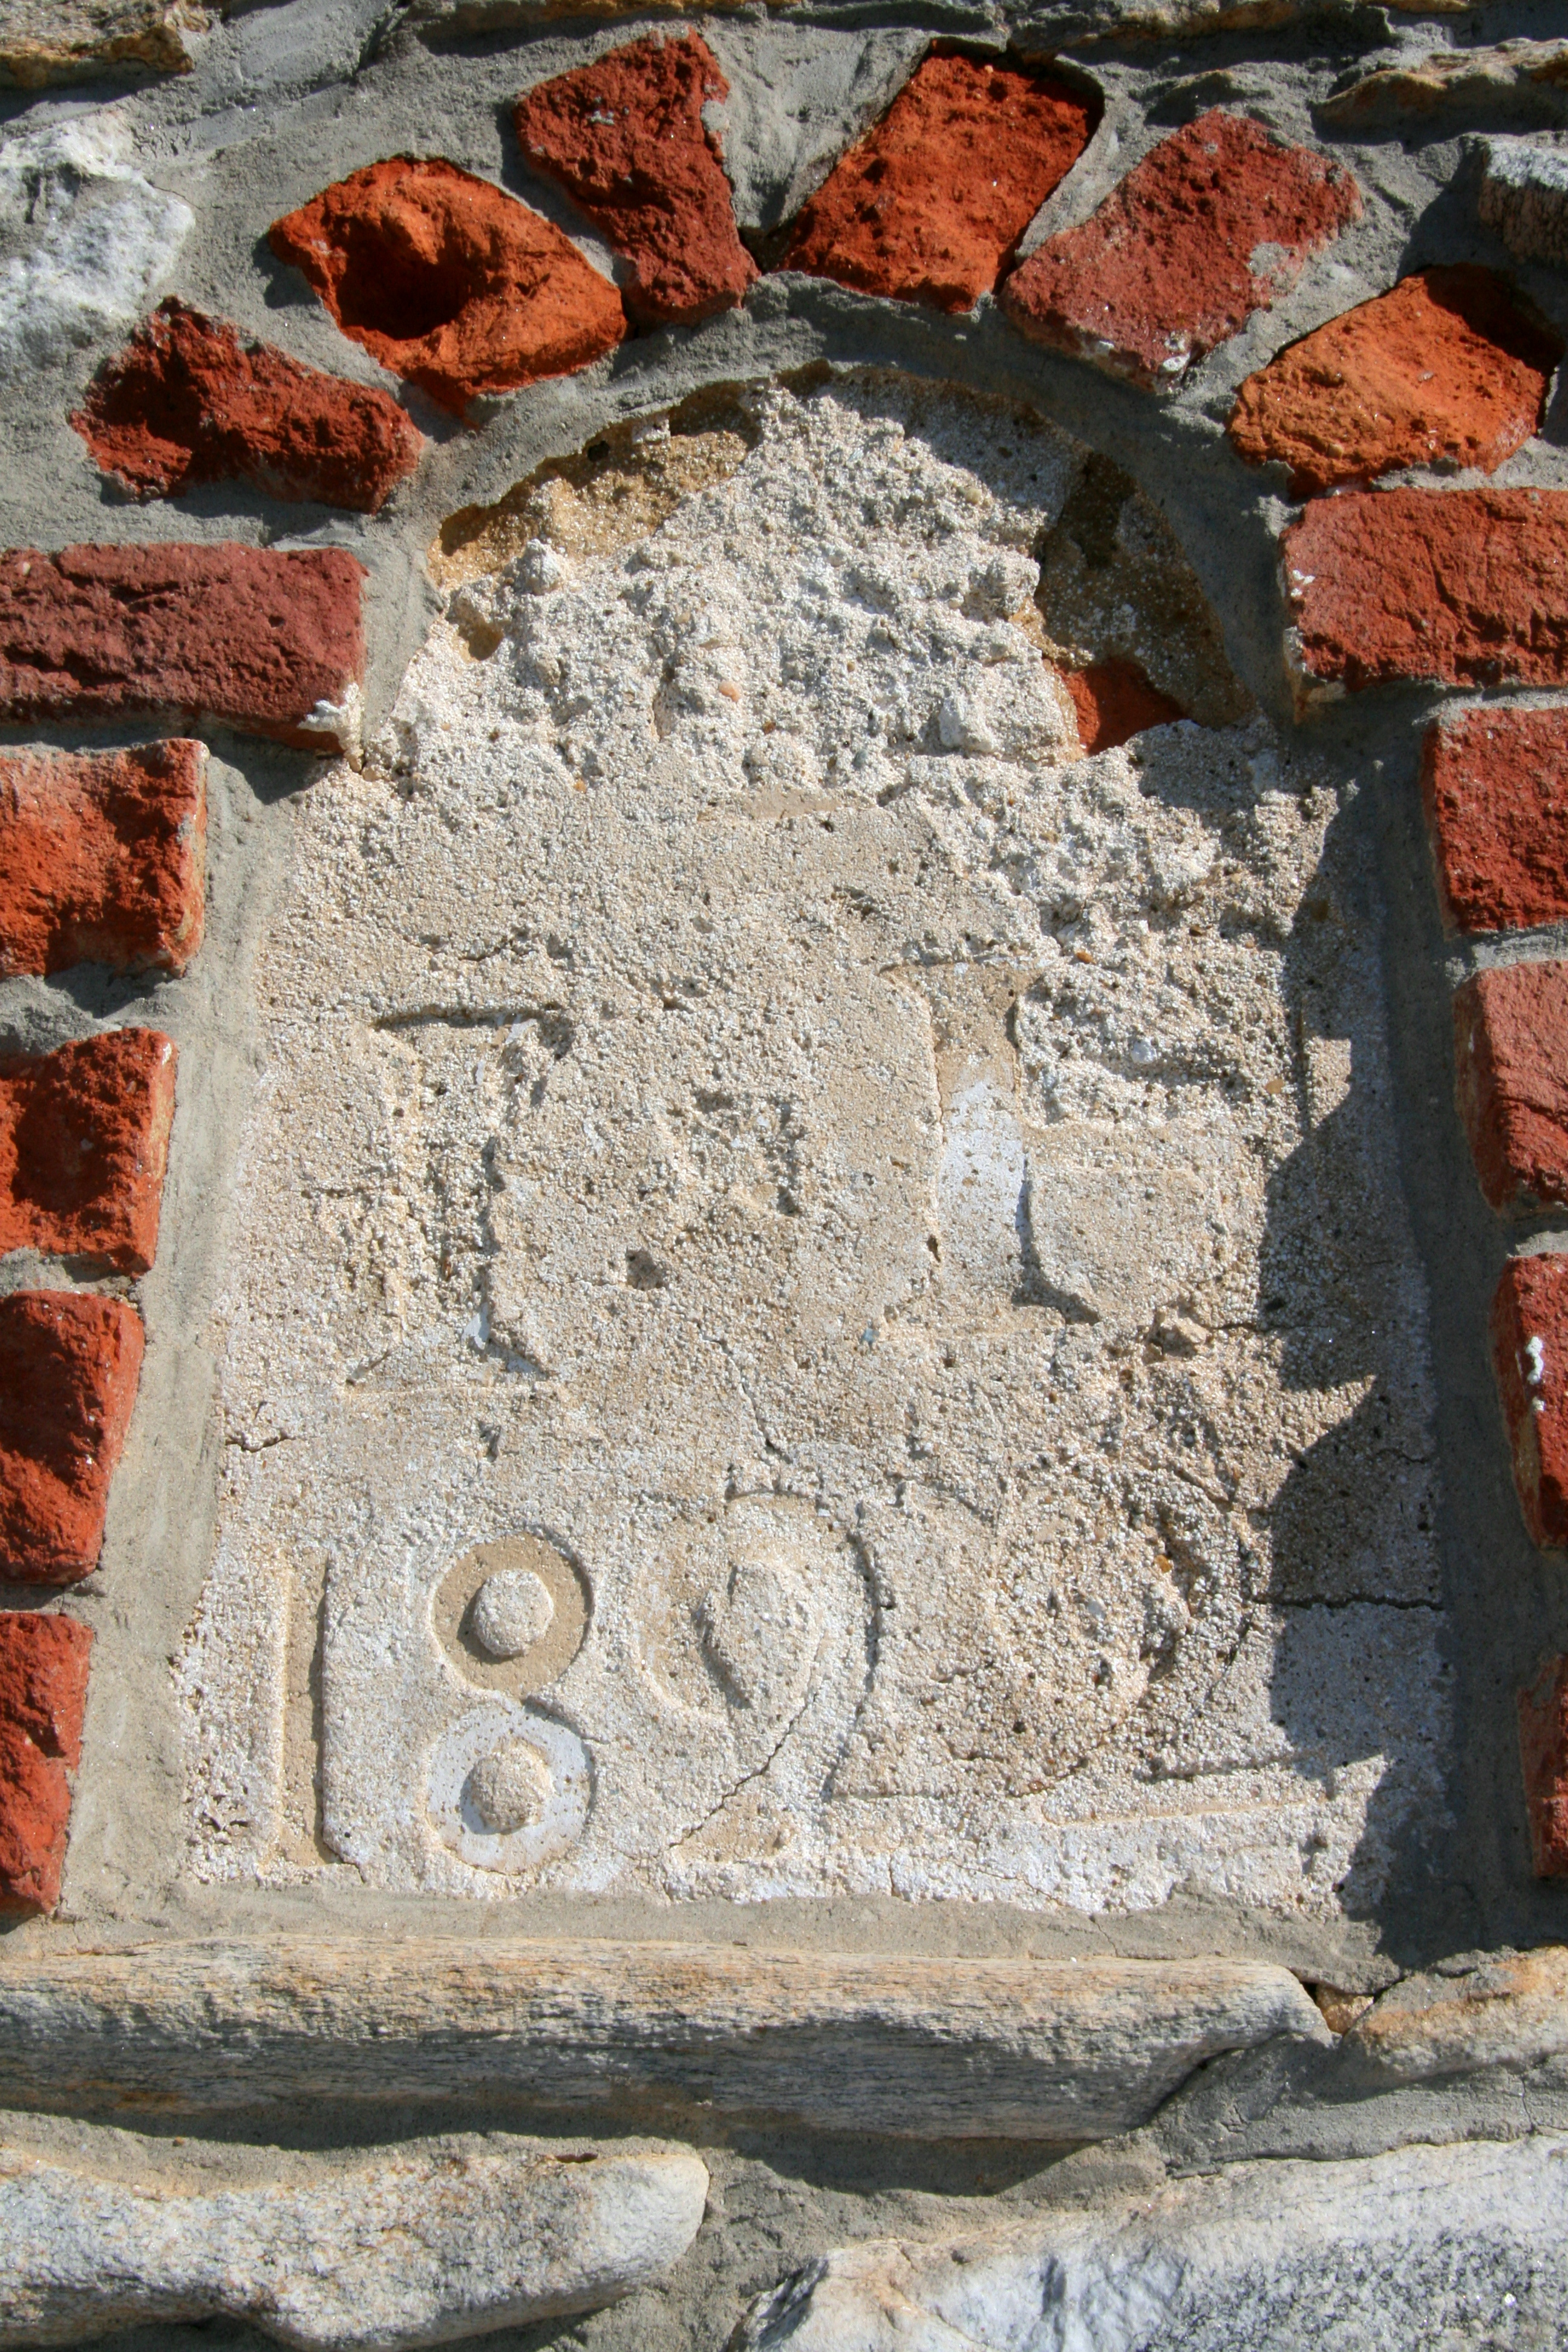 Date Stone Repair Repairing Date Stones